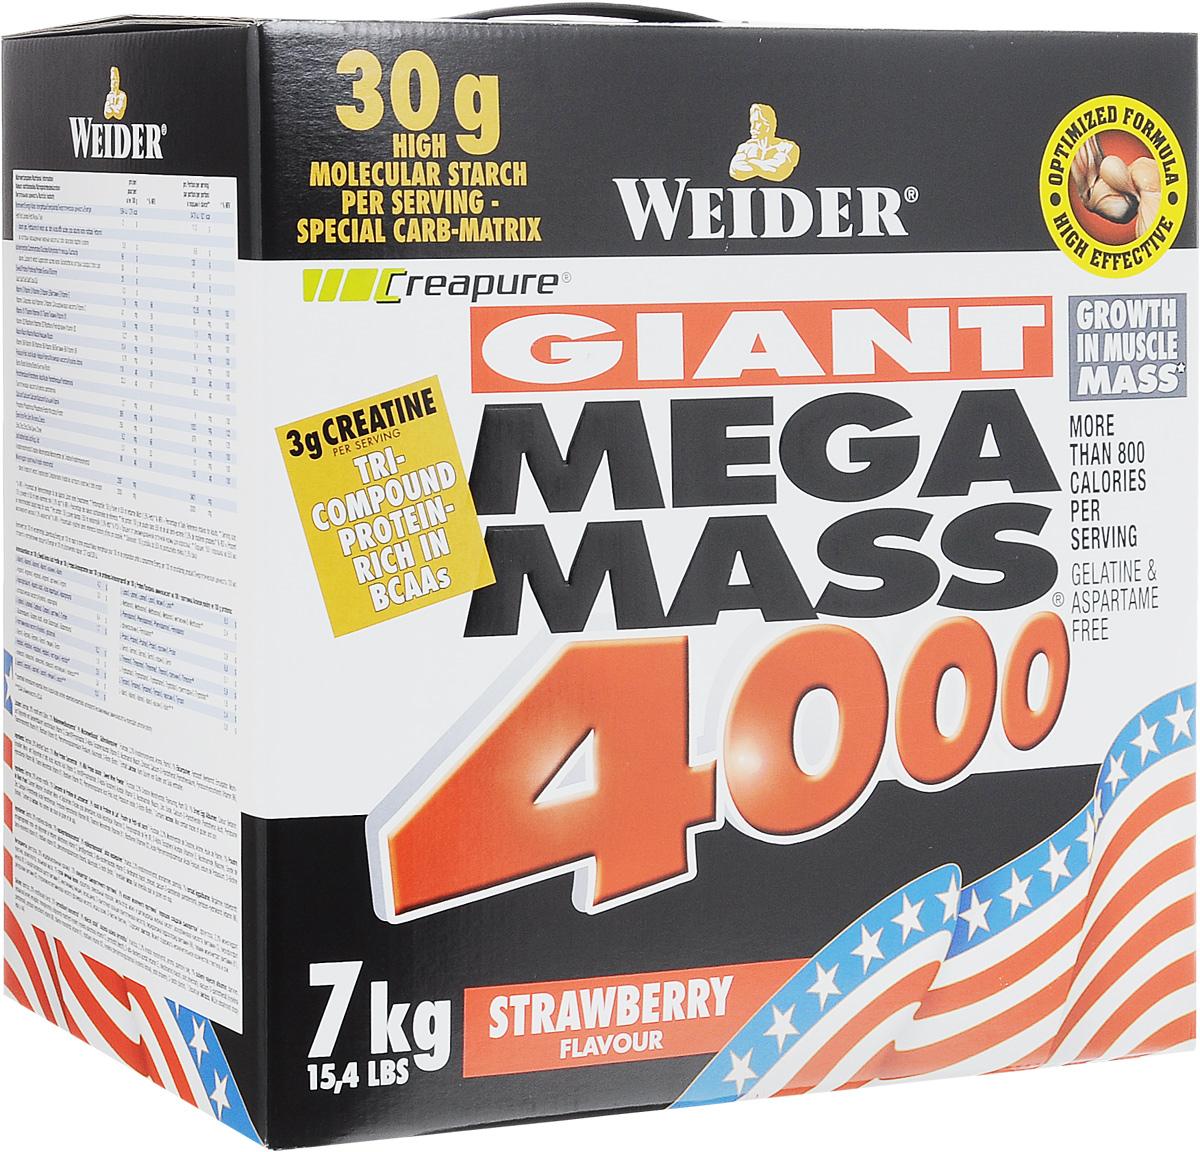 Гейнер Weider Giant Mega Mass 4000, клубника, 7 кг32625Гейнер Weider Giant Mega Mass 4000 - высококачественный продукт для наращивания мышечной массы, специально разработан для людей, с трудом набирающих вес. Предназначен для приготовления напитка с углеводами, белком, креатином, минералами и витаминами. Углеводы различной длины способствуют снабжению энергией на протяжении длительного времени, а высококачественный изолят молочного белка с увеличенным количеством аминокислот ВСАА является отличным строительным материалом для мускулатуры. Содержащиеся в 1 порции 3 г креатина увеличивают физические показатели вследствие краткосрочных упражнений высокой интенсивности. Плюс ко всему каждый коктейль содержит практически все витамины и минералы в количествах, соответствующих норме суточного потребления. Положительные эффекты: - Рост мышечной массы; - Длительное и выраженное подавление мышечного катаболизма; - Ускорение восстановительных процессов, в том числе синтеза белка; - Установление положительного азотистого баланса; - Восполнение тренировочных энергозатрат; - Активизация анаболического гормона инсулина; - Упрощение и разгрузка рациона за счет уменьшения необходимых калорий. Рекомендации по применению: Индивидуальное количество порций коктейля Giant Mega Mass 4000 можно определить очень просто. В общем случае прибавка в весе за месяц не должна превышать 2 килограмм, иначе доля жира в организме слишком сильно повысится. Контроль массы тела, доли жира в организме и объема талии дает информацию о правильном количестве калорий, которые необходимо потреблять. Если вес тела повышается, а объем талии не увеличивается, тогда человек нашел правильное количество, подходящее для него лично. Если вес тела повышается, и объем талии увеличивается, тогда базовое питание должно быть подвергнуто проверке - не слишком ли много употребляется жира - и количество порций коктейля должно быть уменьшено. Если вес не повышается, то количество коктейля должно быть увеличено. Принимать по 1 п